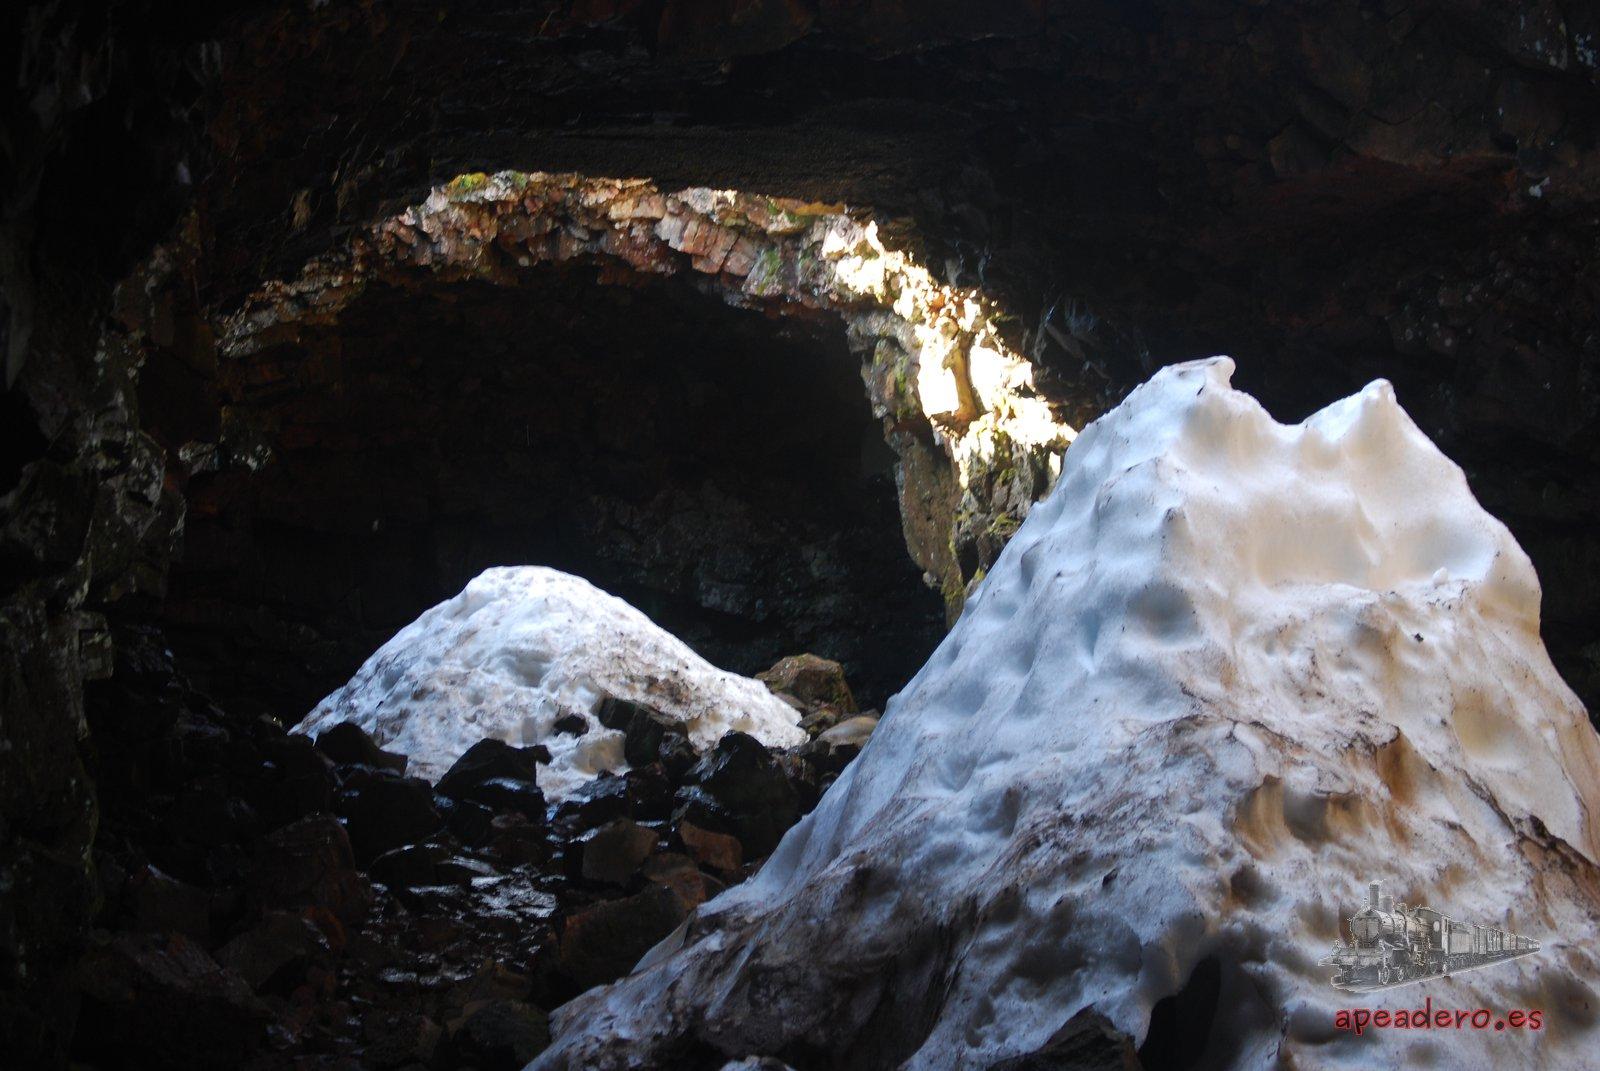 """En el exterior no quedaba ya nada de nieve, pero dentro de la cueva se conservaba la nieve caída durante el invierno. Me recordó bastante a los """"pous de neu"""" que tenemos en Valencia y Alicante."""